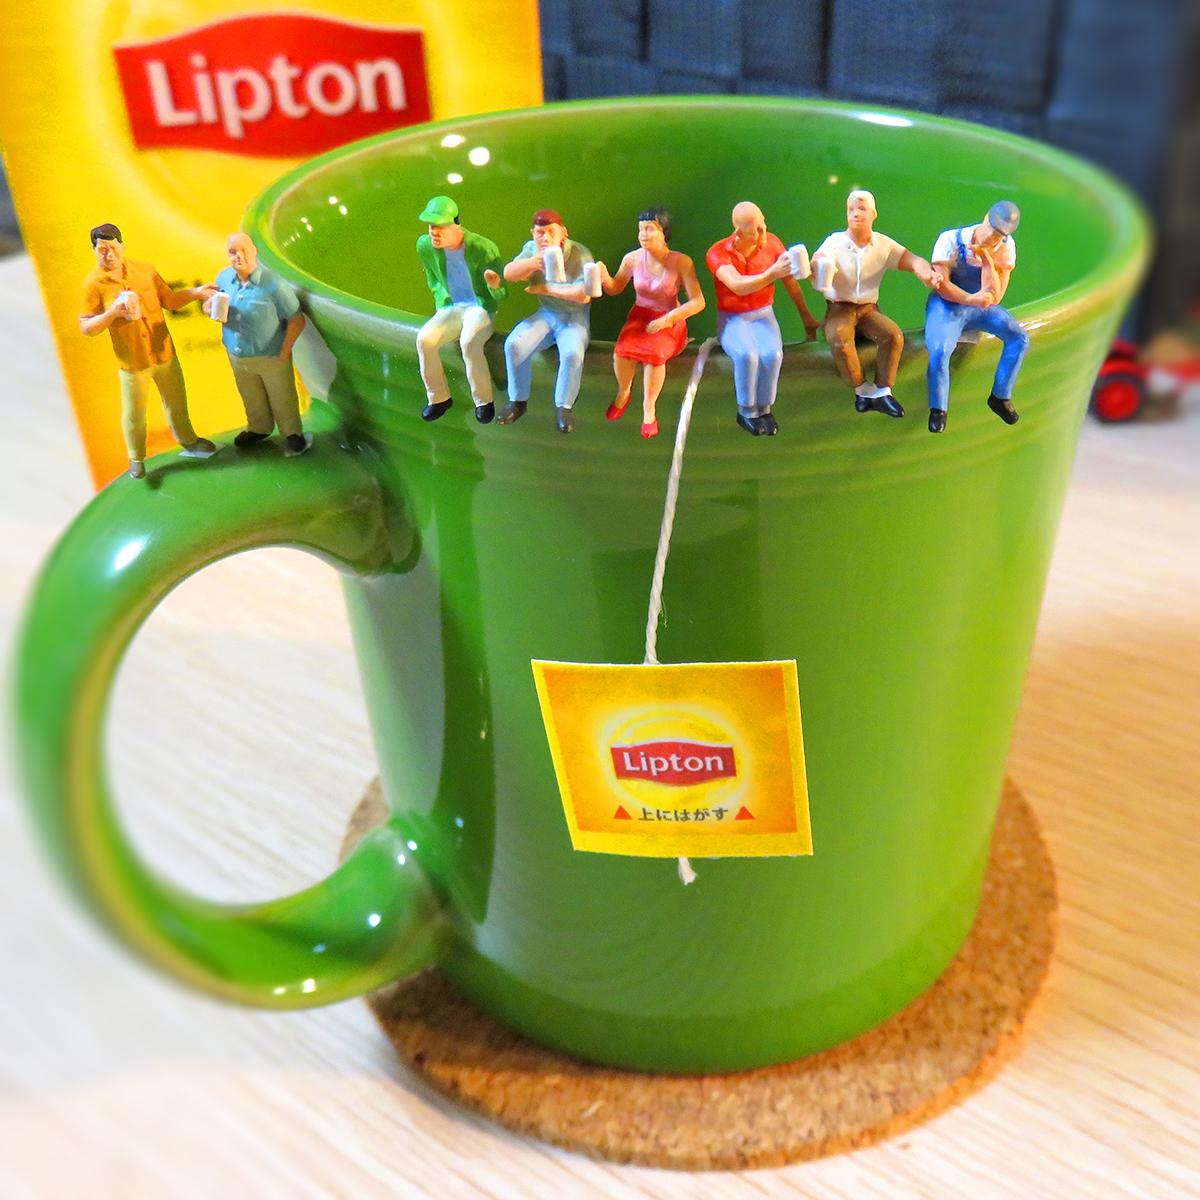 11月1日は紅茶の日!リプトンティーで宴会する人達